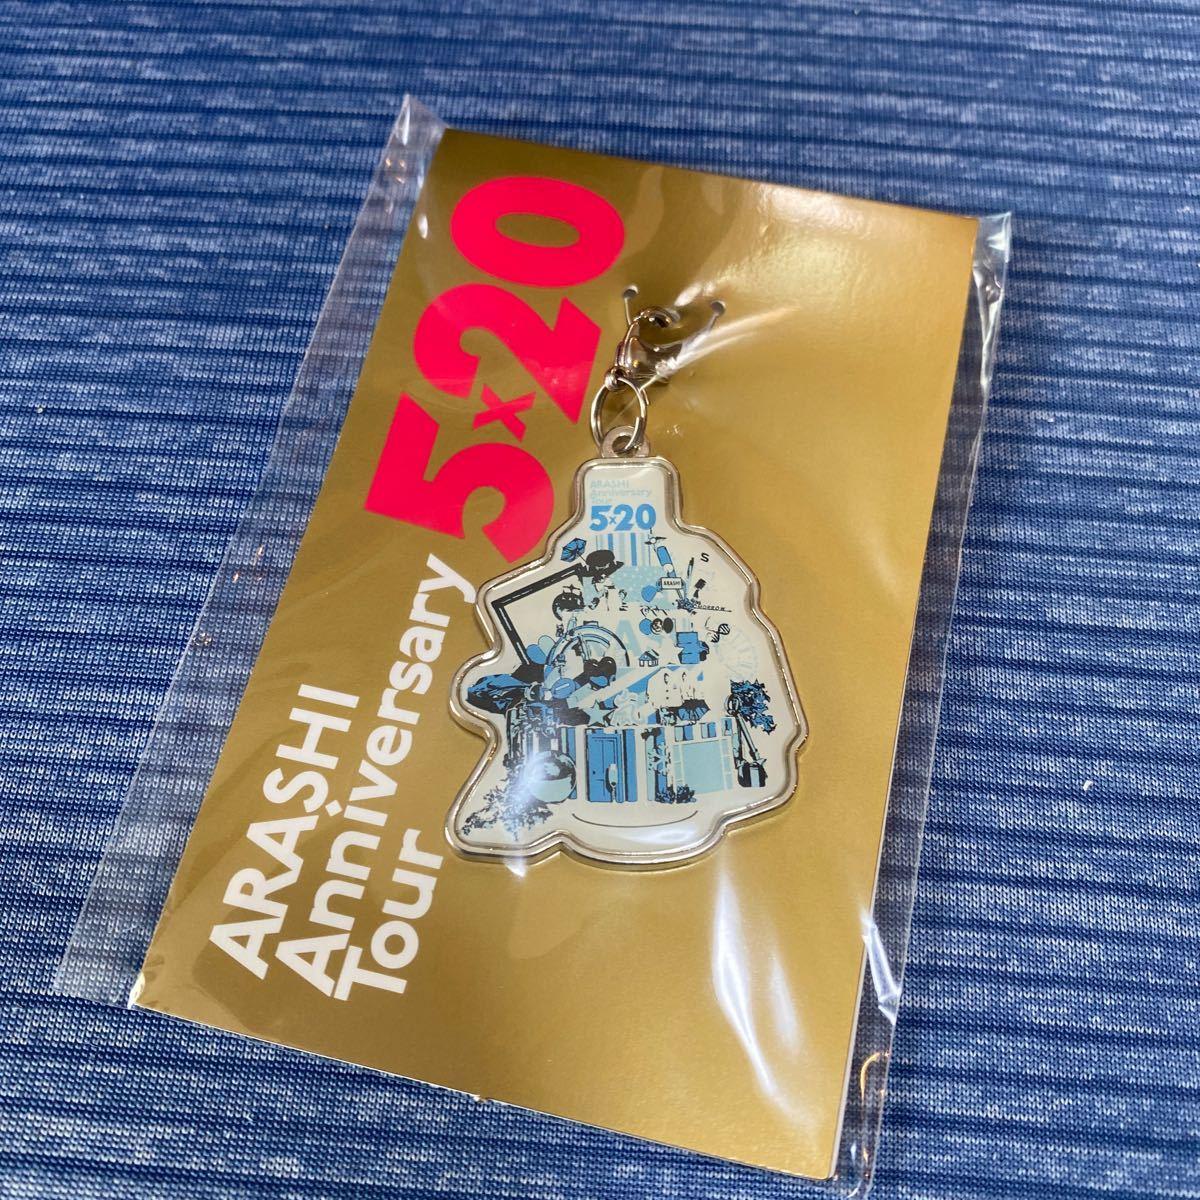 嵐 ARASHI Anniversary  Tour 5×20 会場限定チャーム 東京 未使用 未開封 新品  青